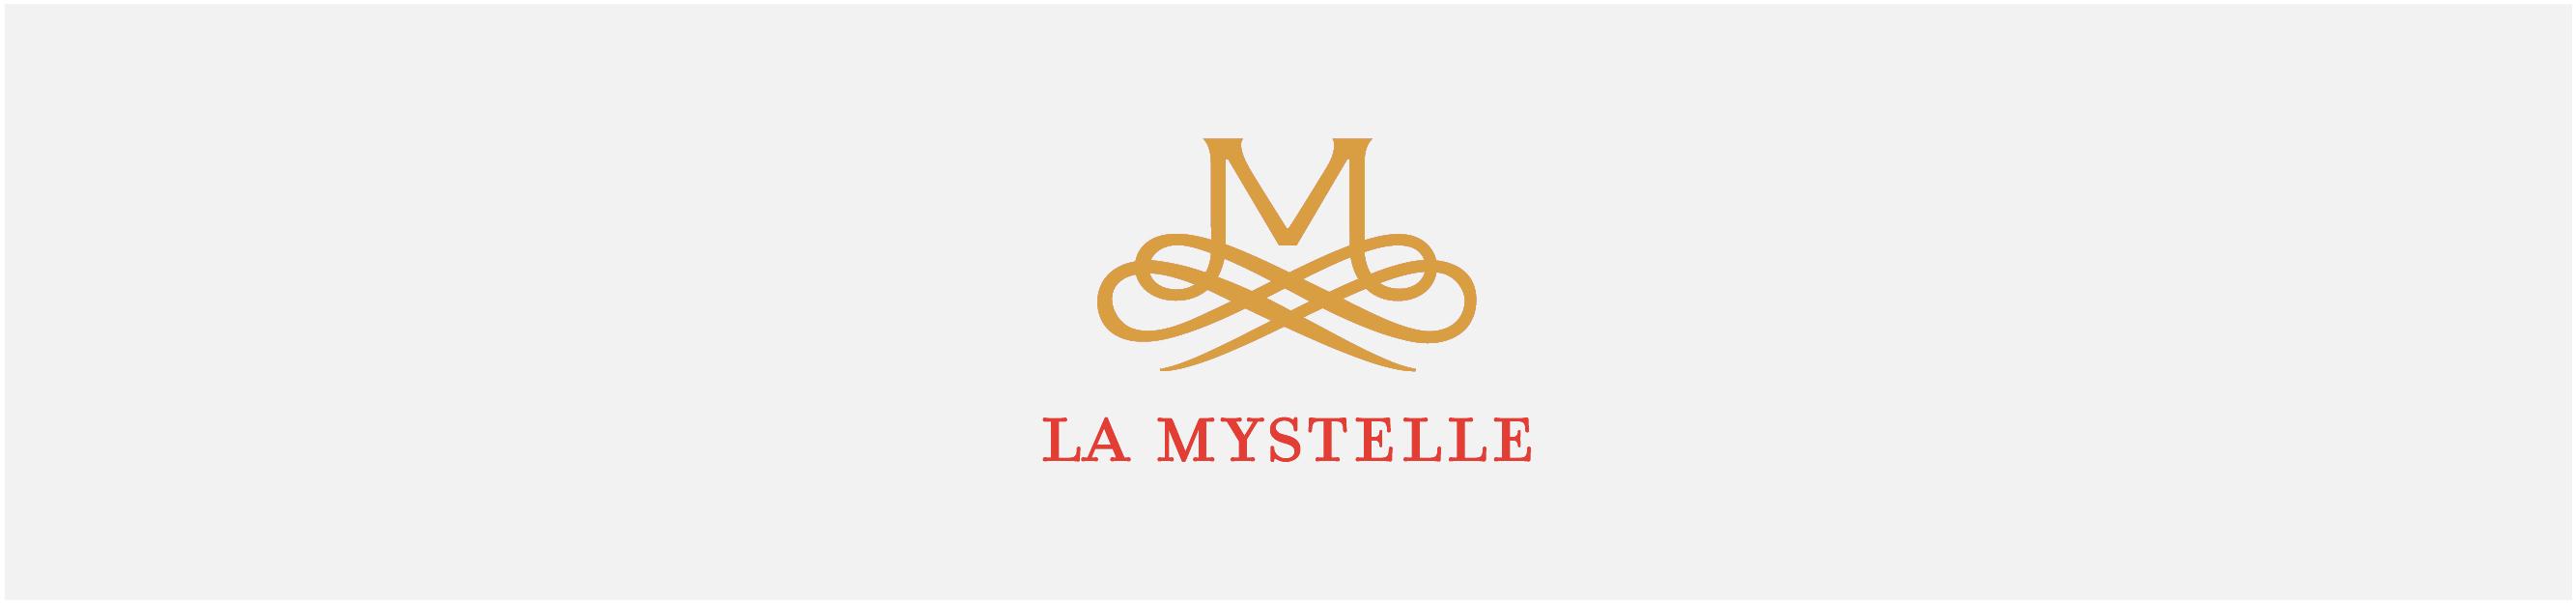 La Mystelle_Logo